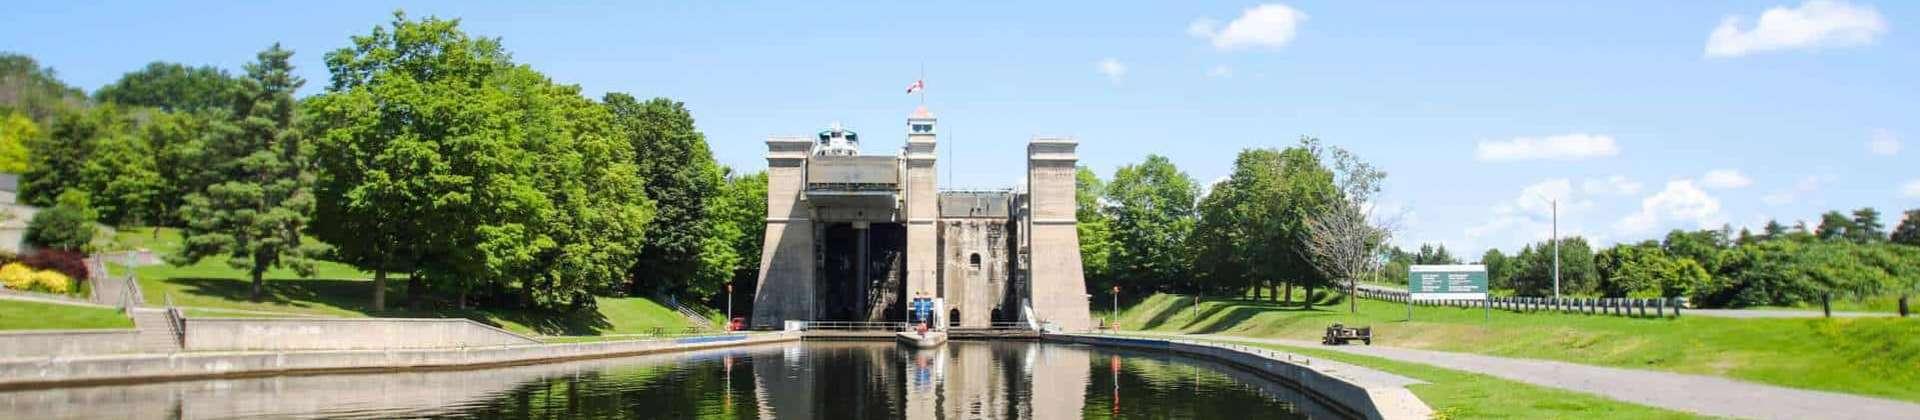 Peterborough Ontario locks